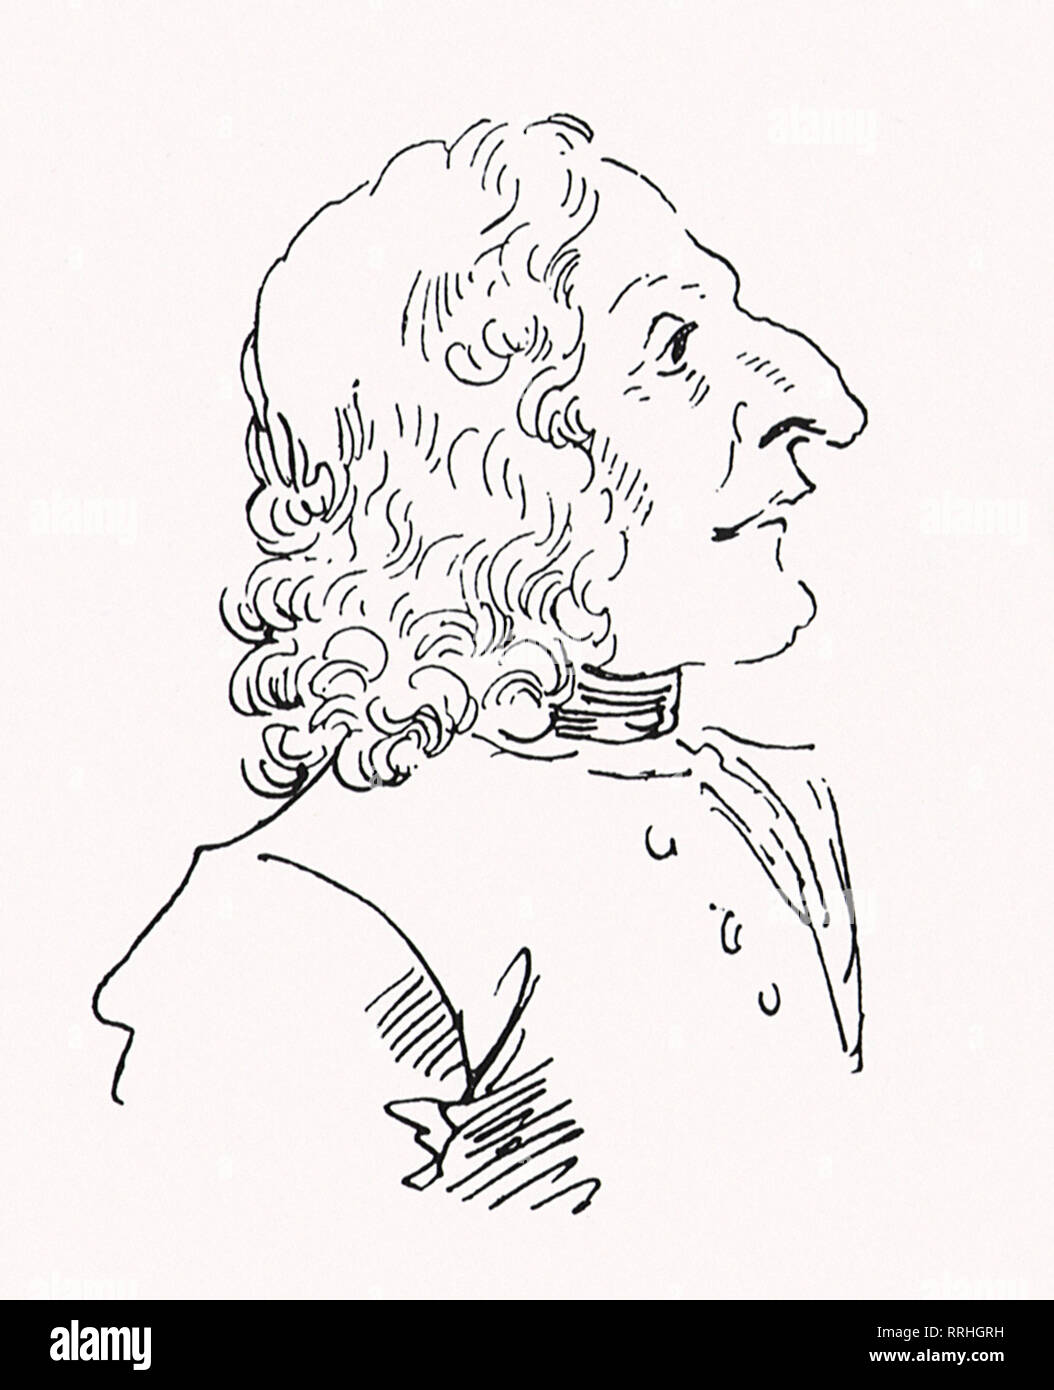 Antonio Vivaldi. - Stock Image